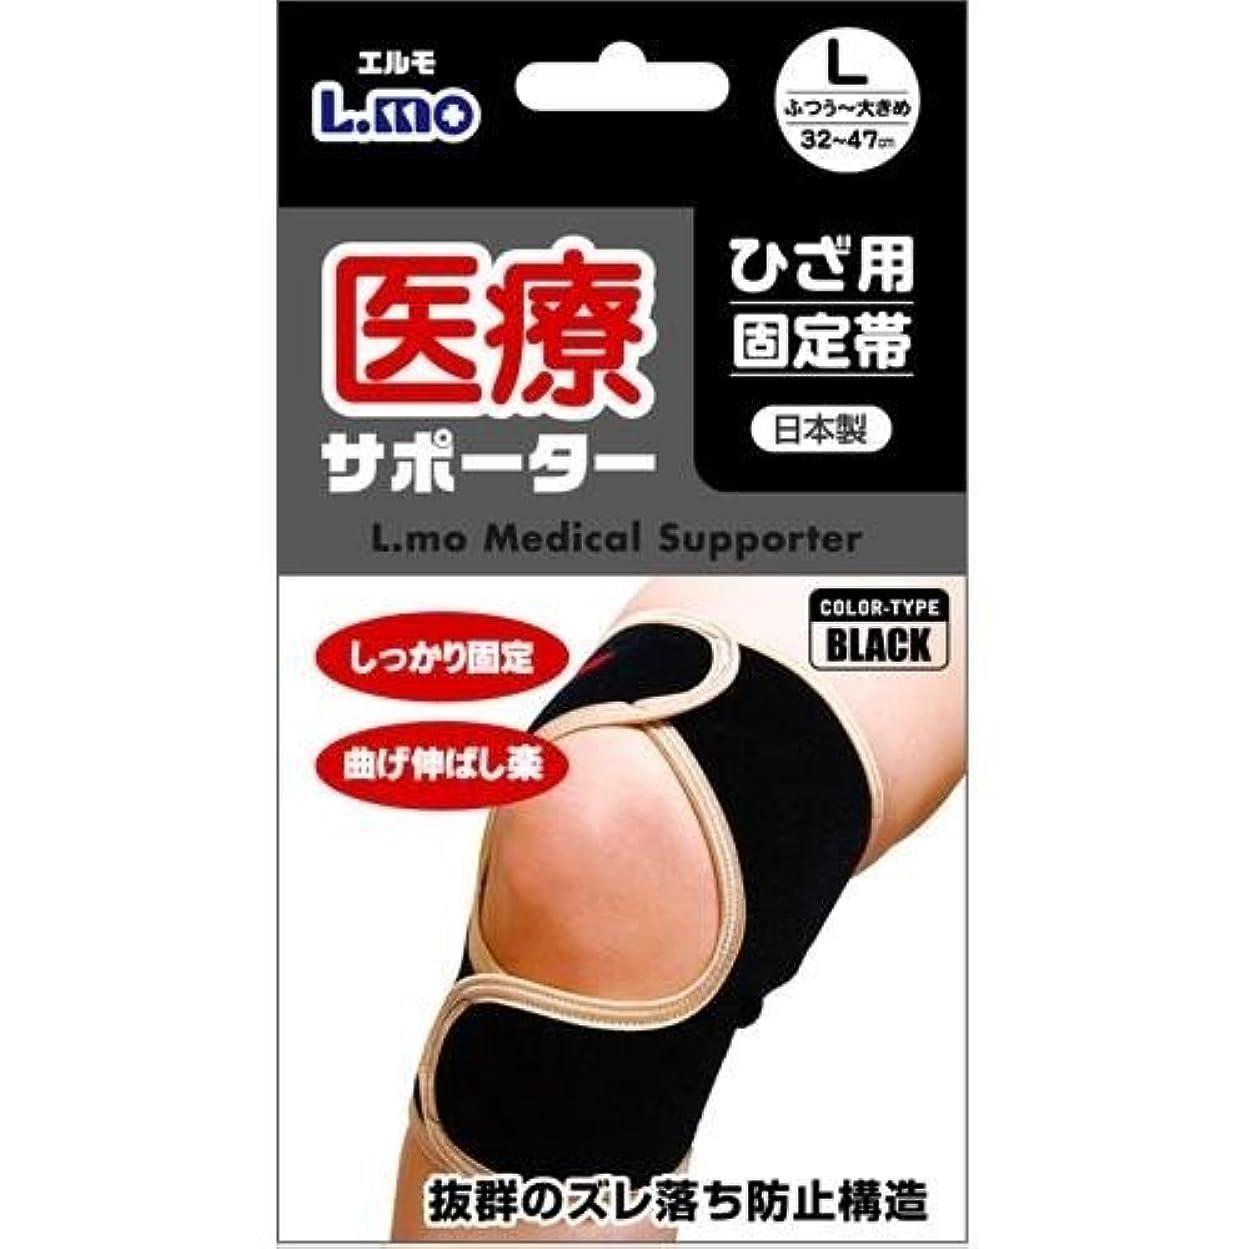 ラッチ賢い回転エルモ医療サポーター ひざ用固定帯 ブラック ■2種類の内「Lサイズ?786493」を1点のみです